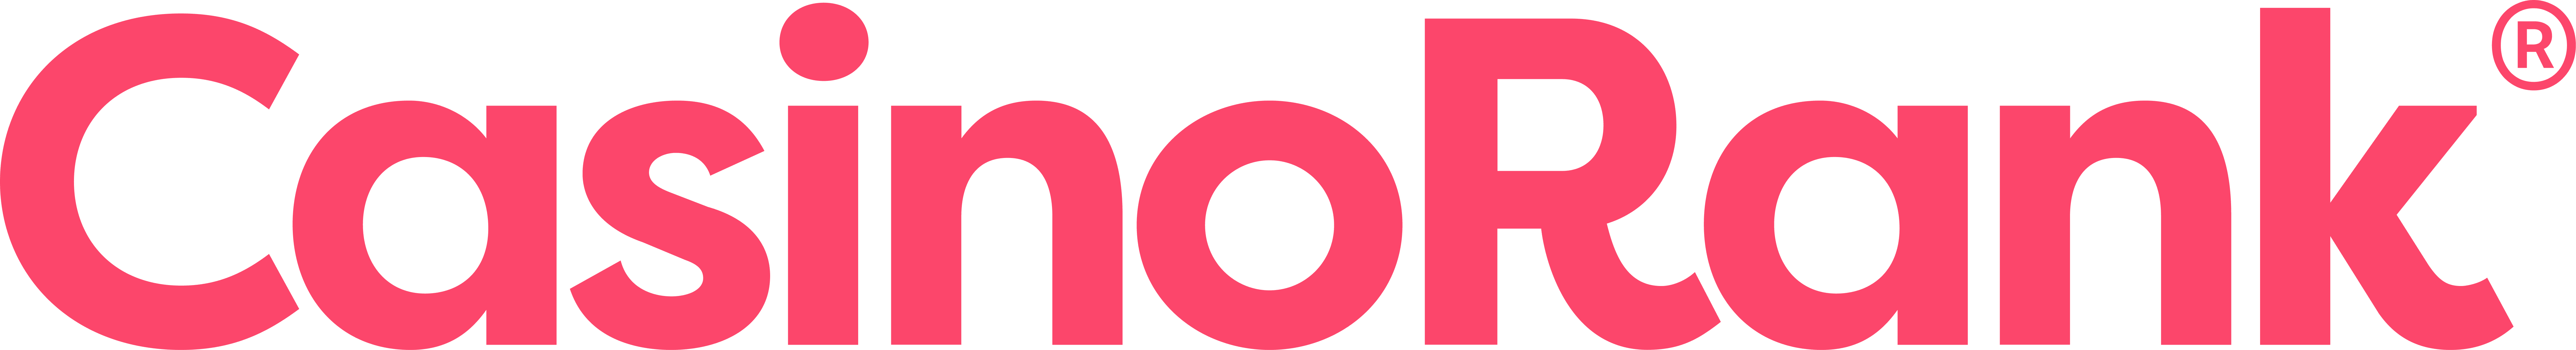 mobilecasinorank-kh.com